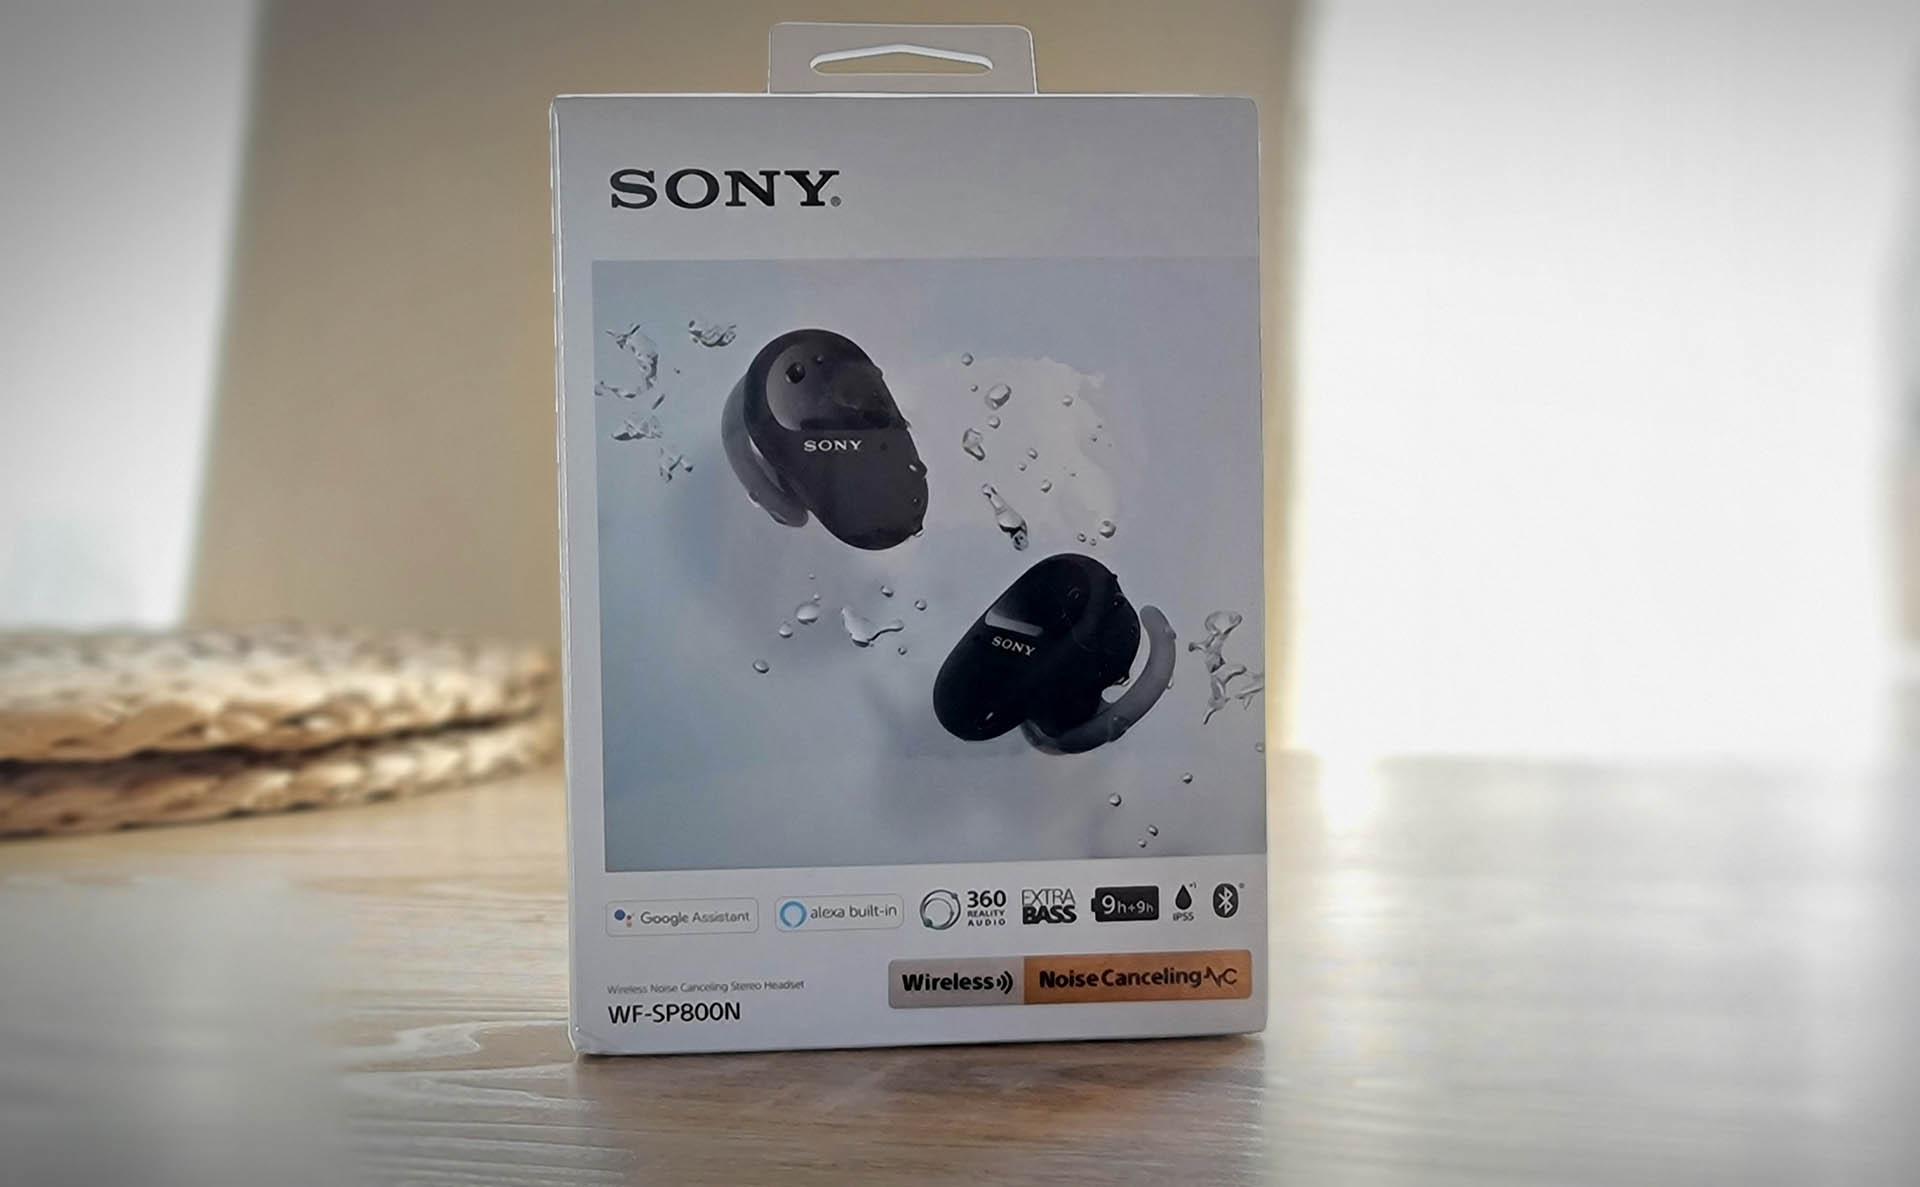 Sony WF-SP800N Wireless Buds